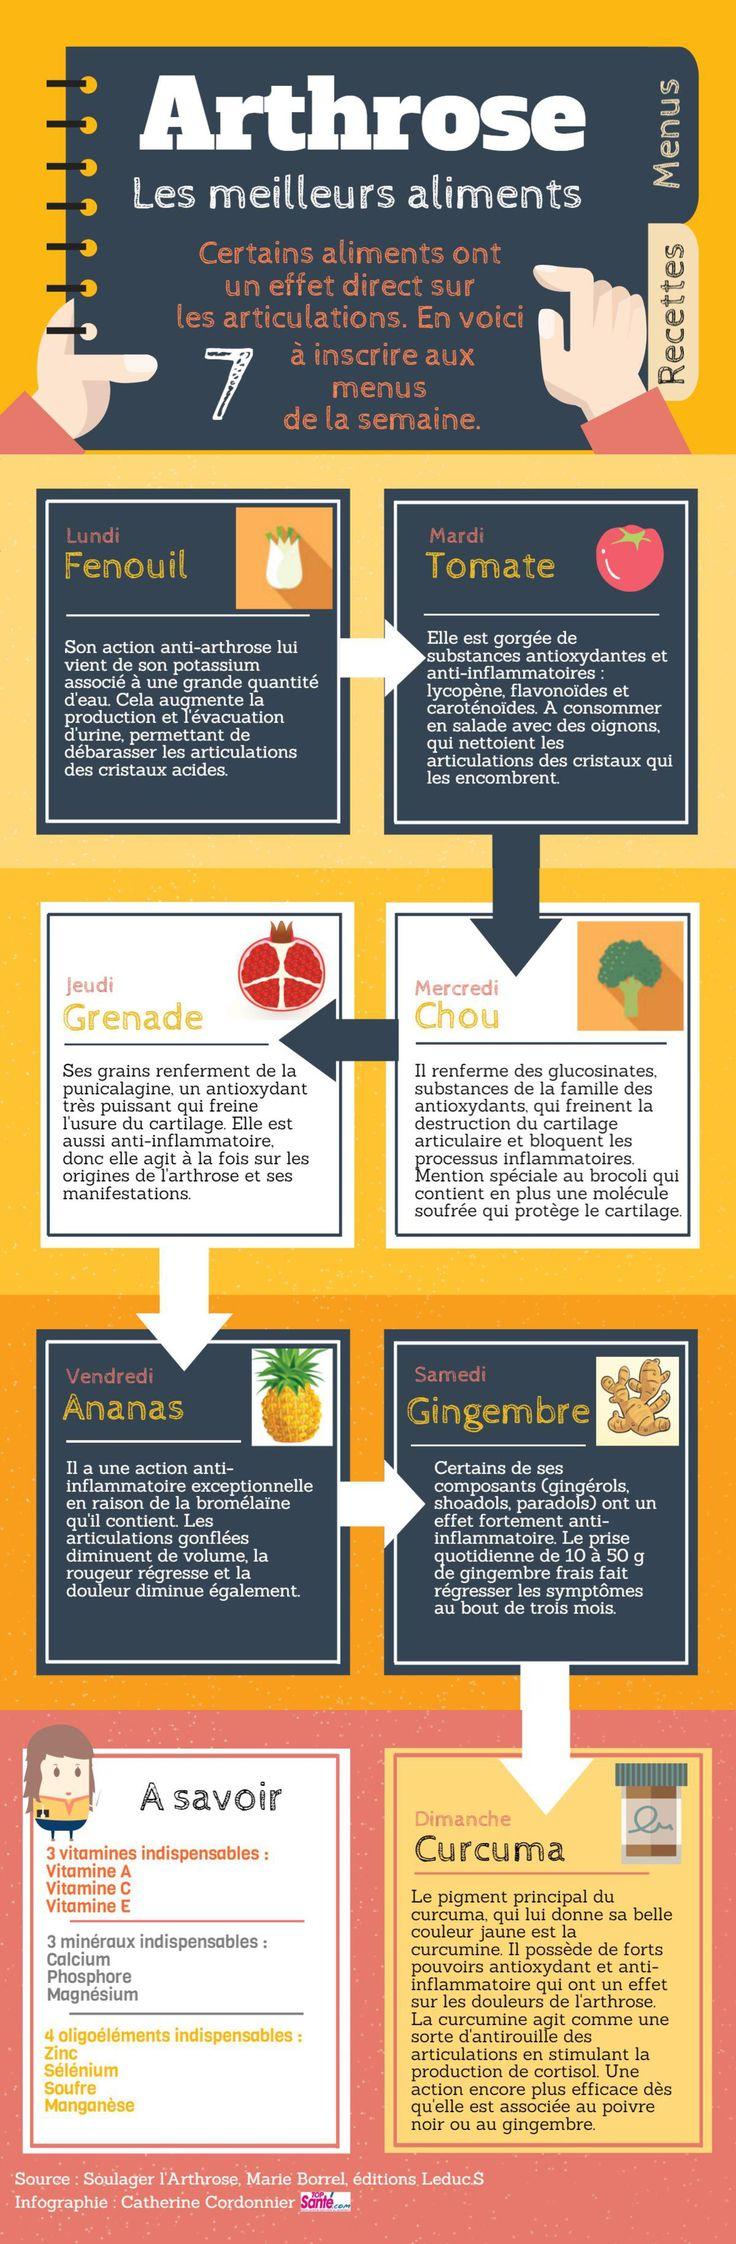 Les aliments pour lutter contre l'arthrose | trucs et conseils écolos